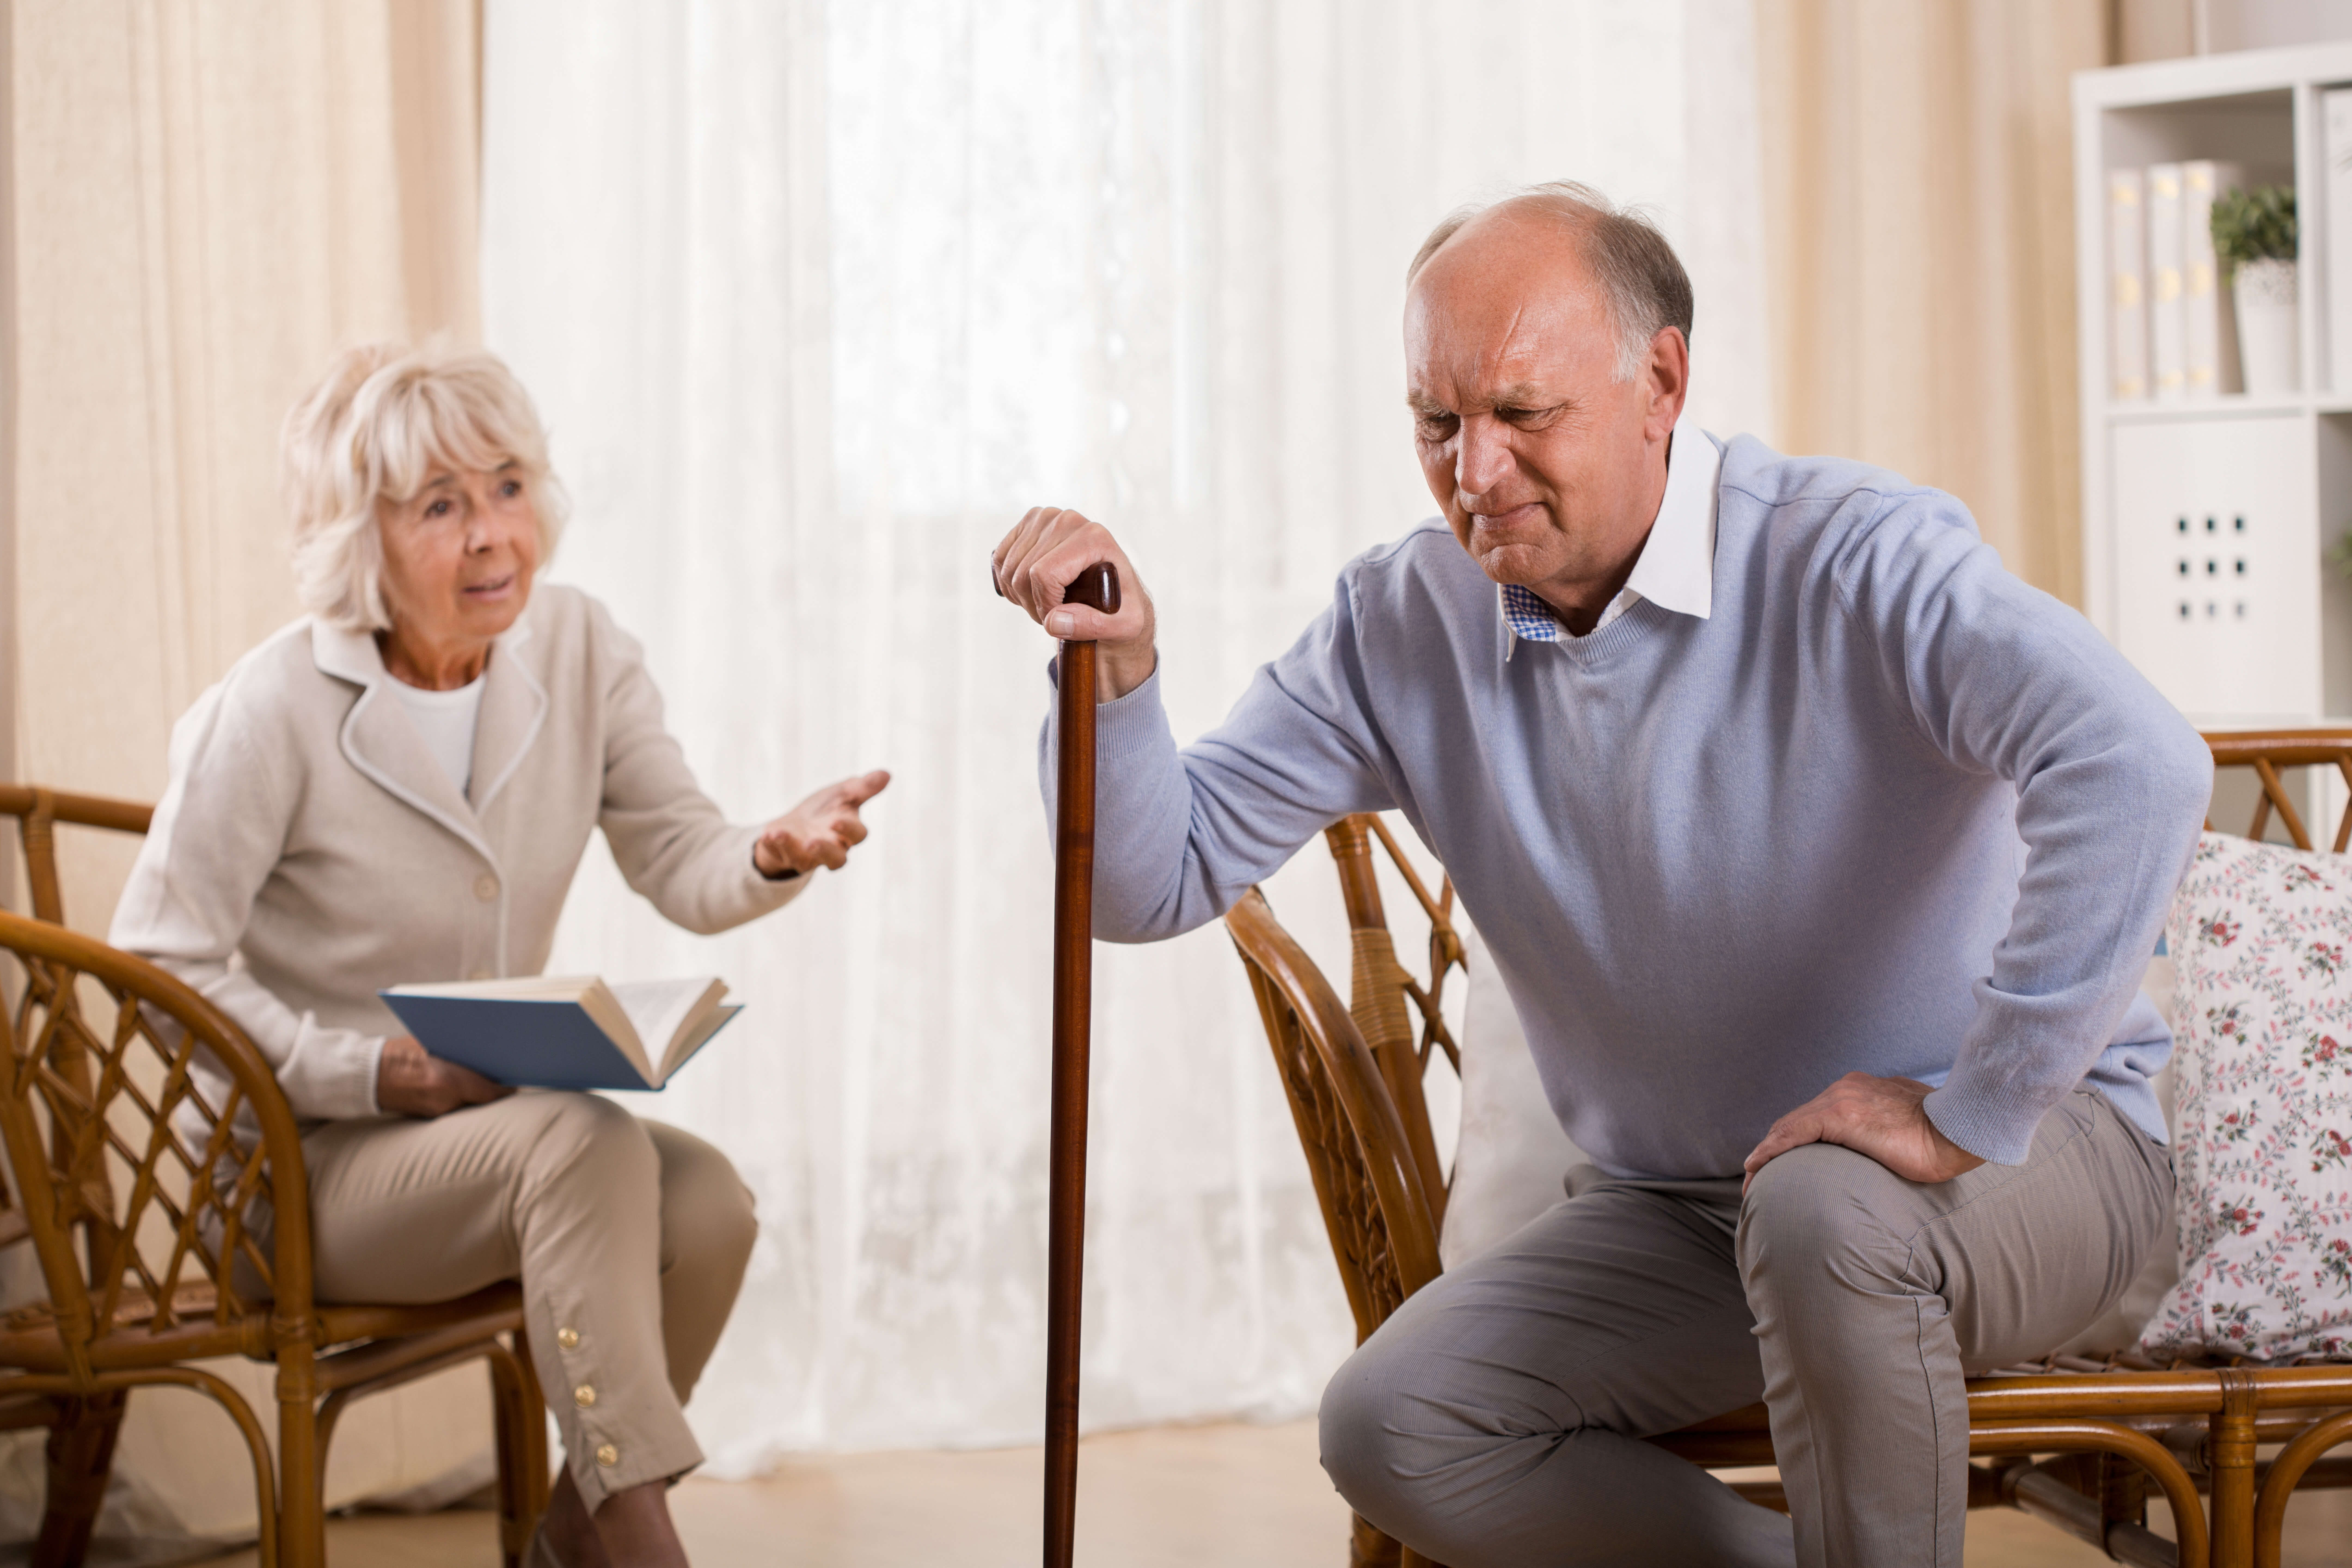 関節痛に悩む老人